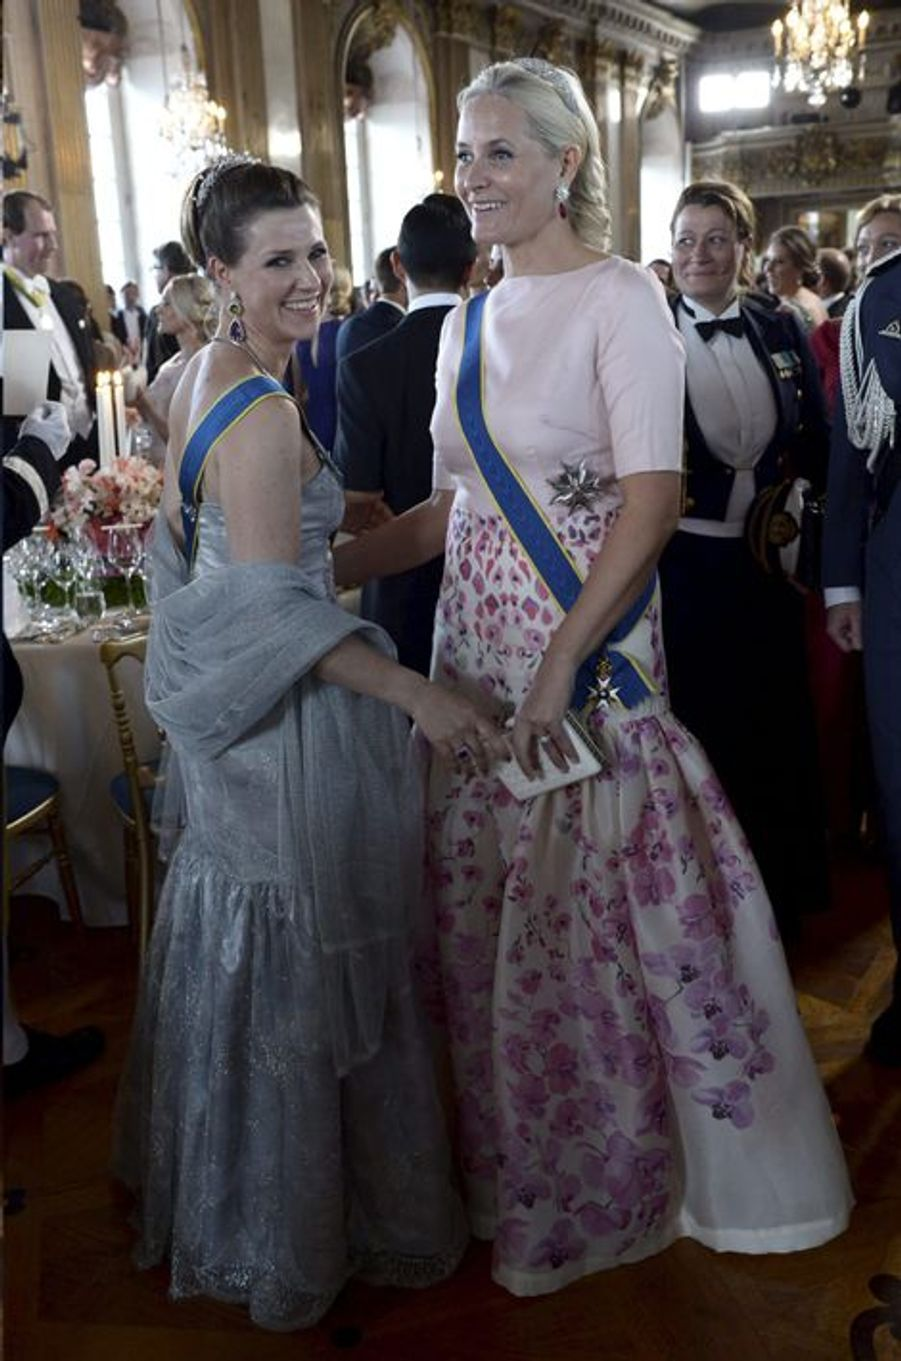 Les princesses Martha-Louise et Mette-Marit de Norvège, le 13 juin 2015